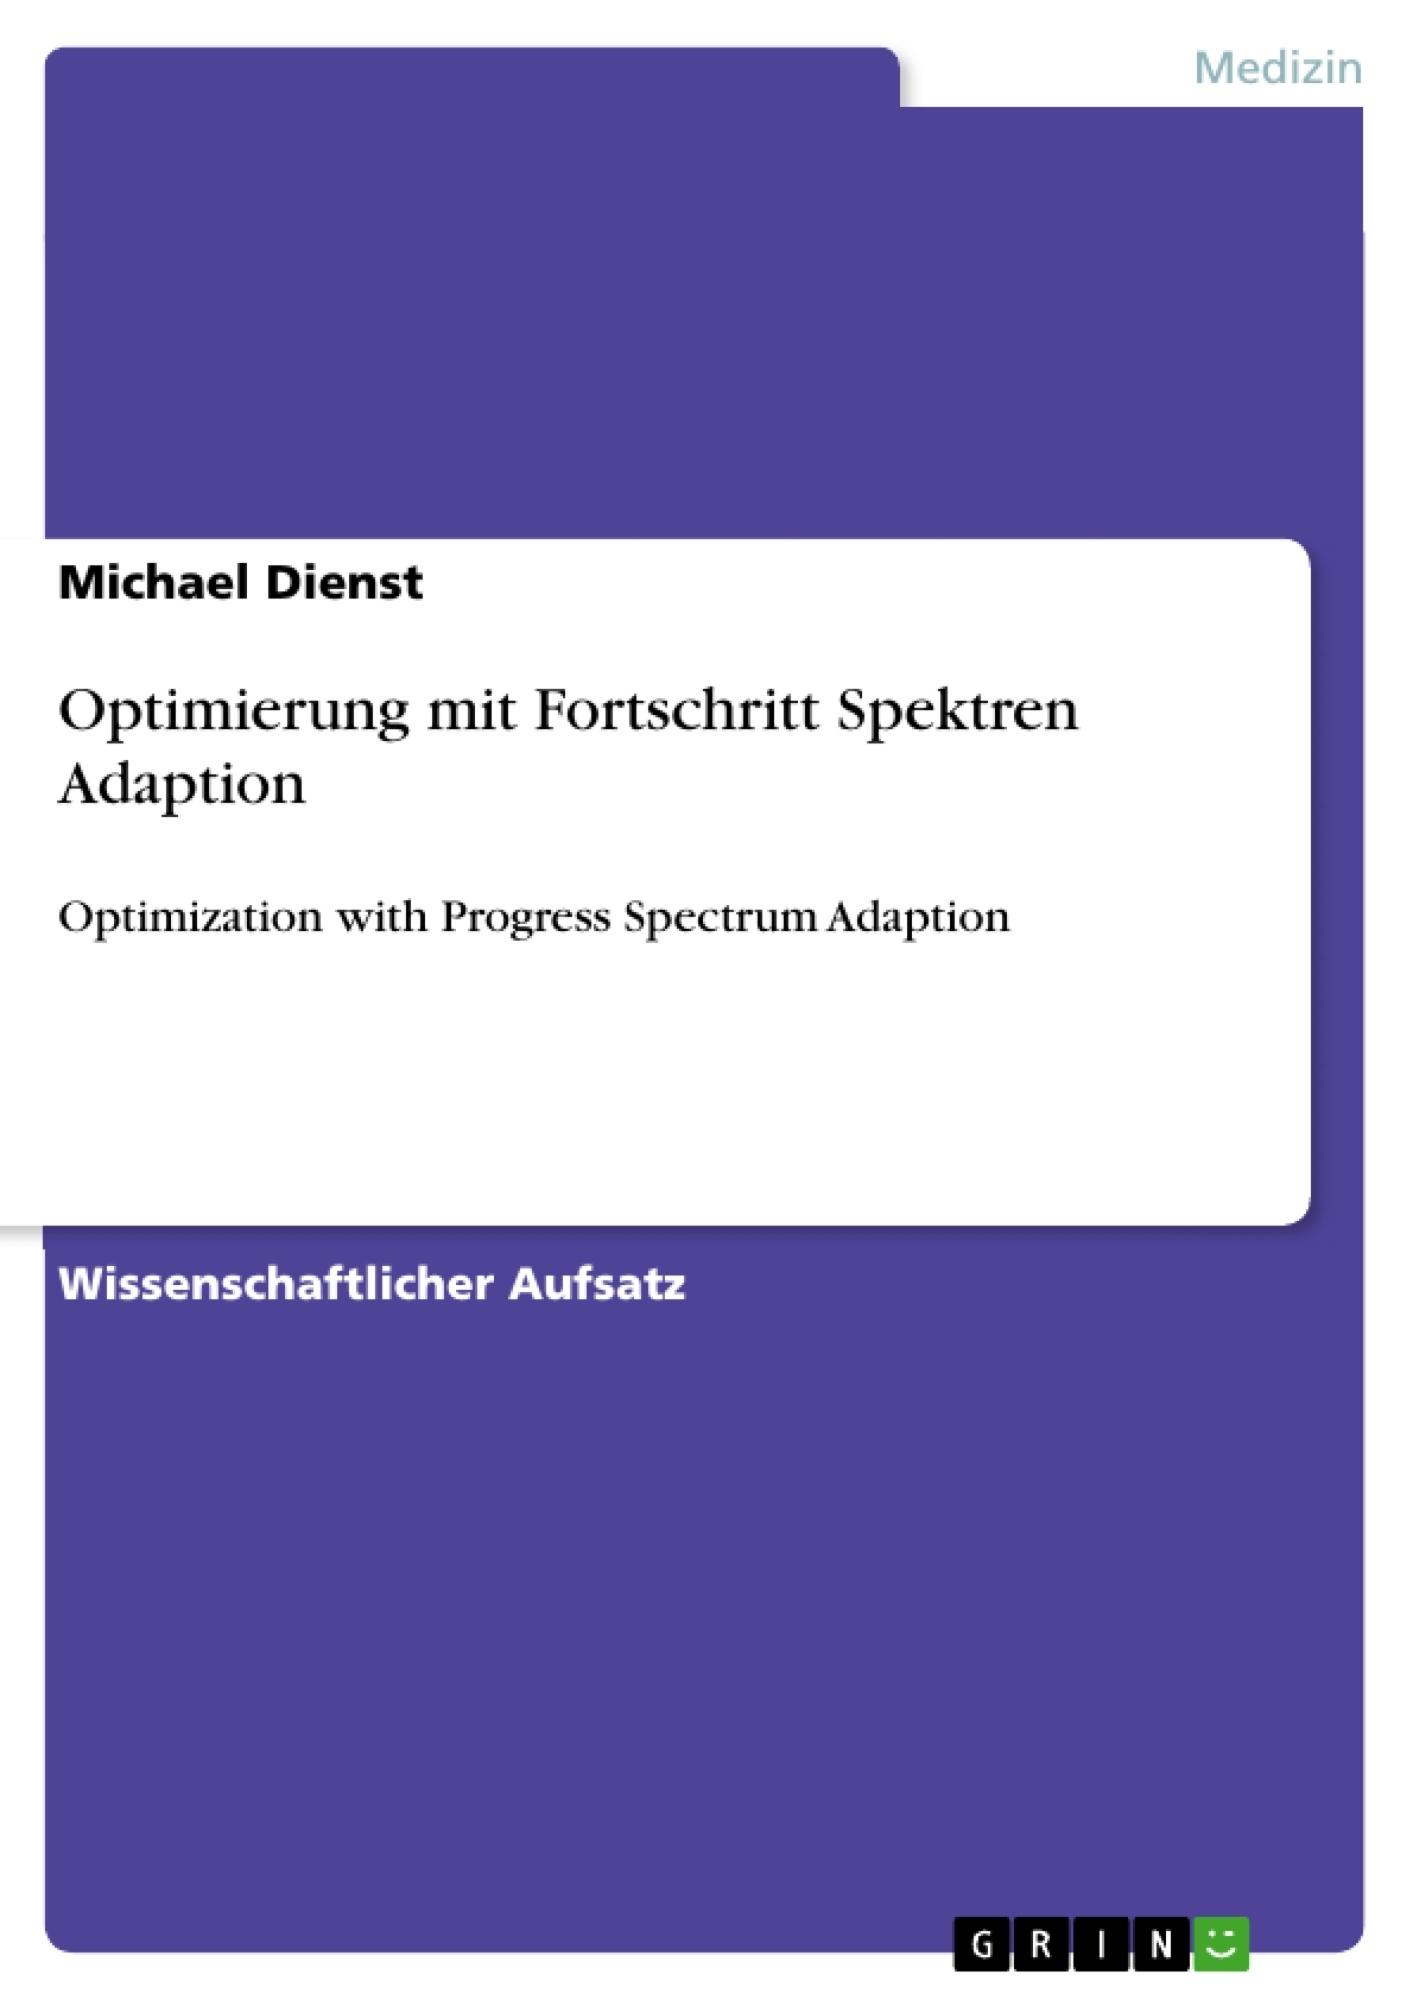 Titel: Optimierung mit Fortschritt Spektren Adaption